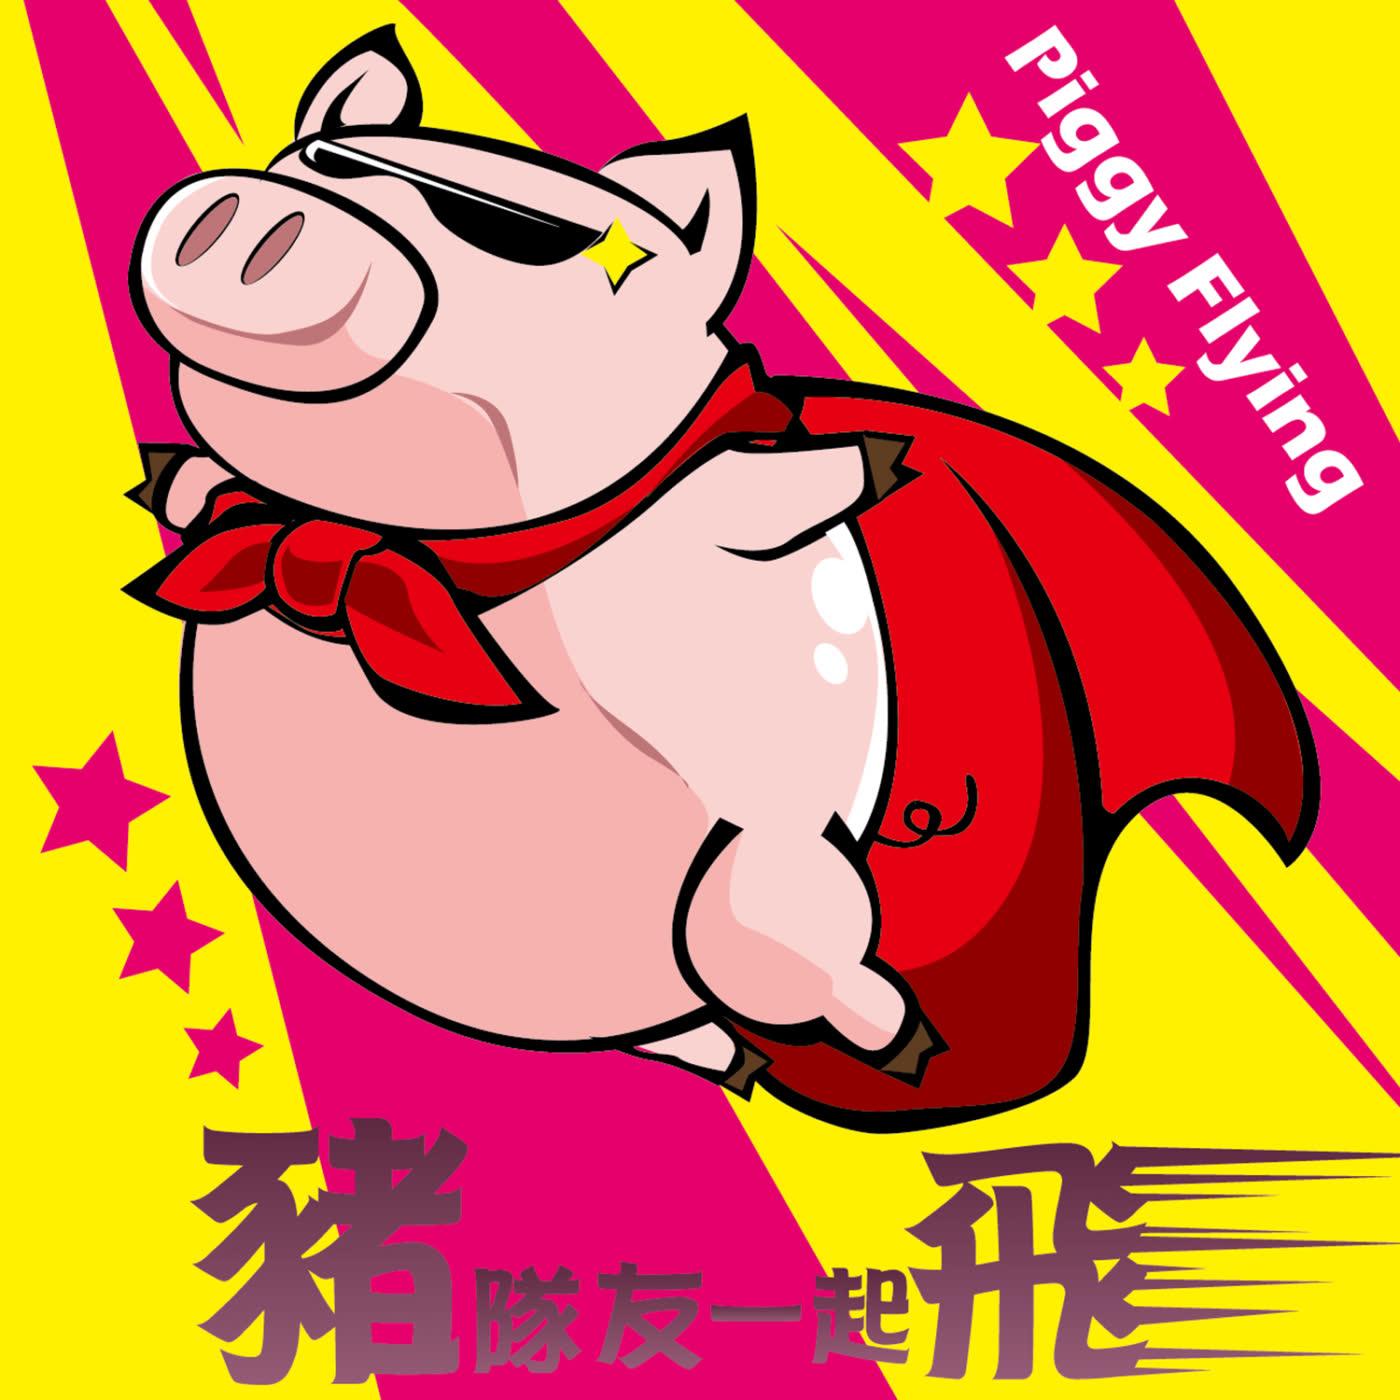 豬隊友一起飛|Piggy Flying